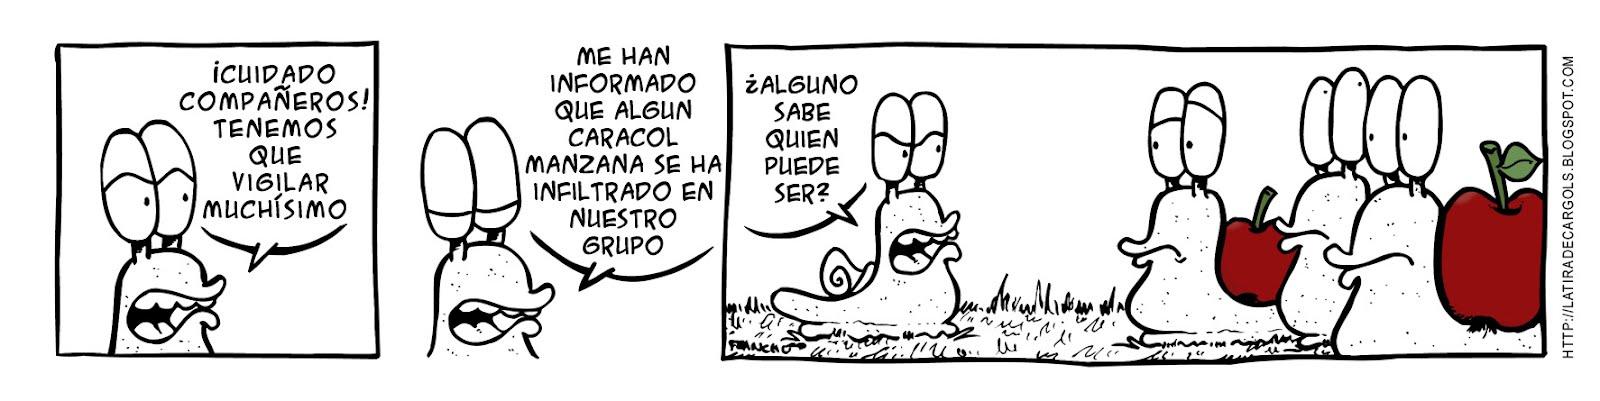 Tira comica 132 del webcomic Cargols del dibujante Franchu de Barcelona